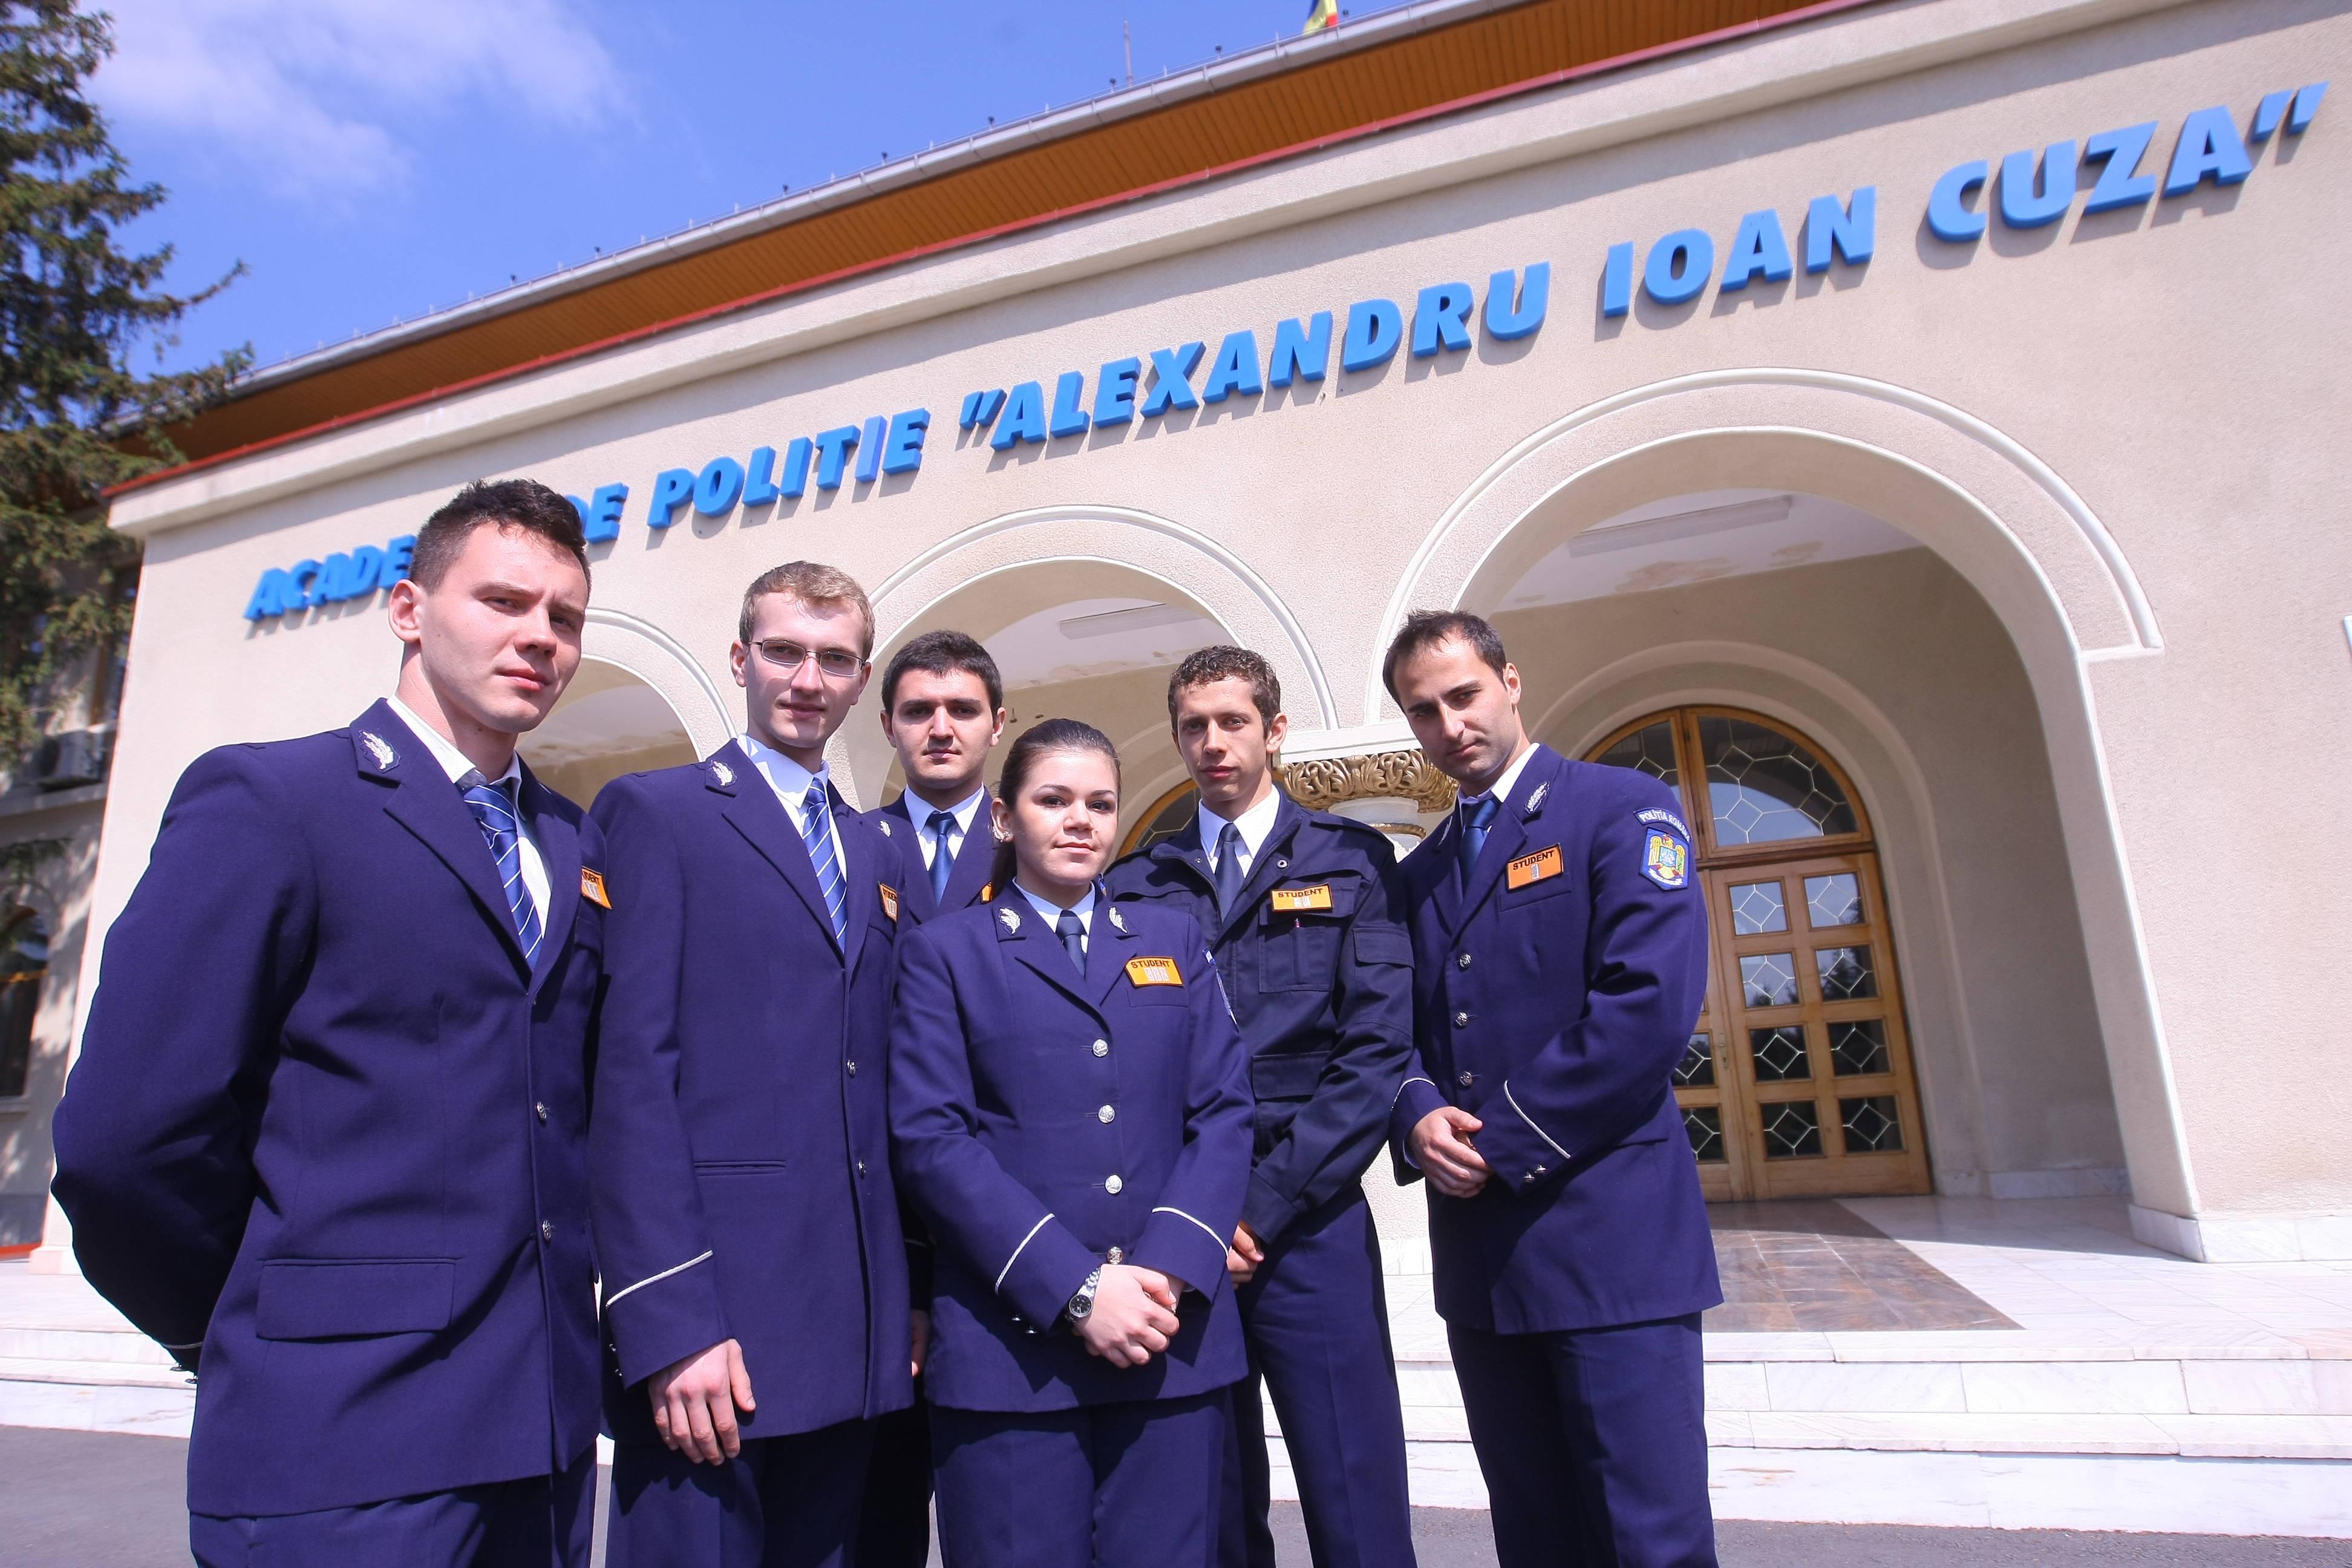 facultatea de politie